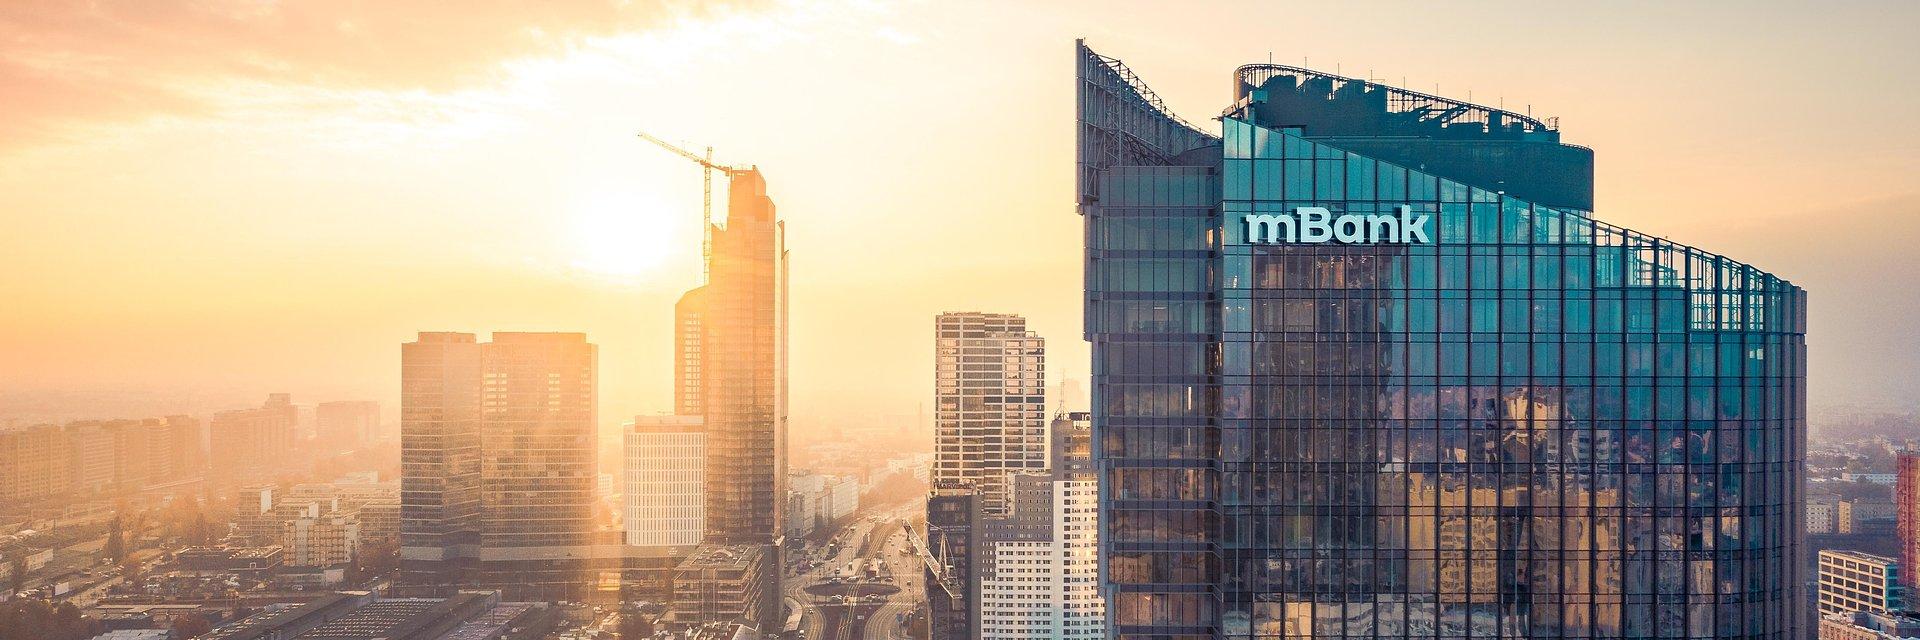 Wyniki mBanku w II kw. 2021: silna działalność podstawowa, wysoka dynamika biznesu